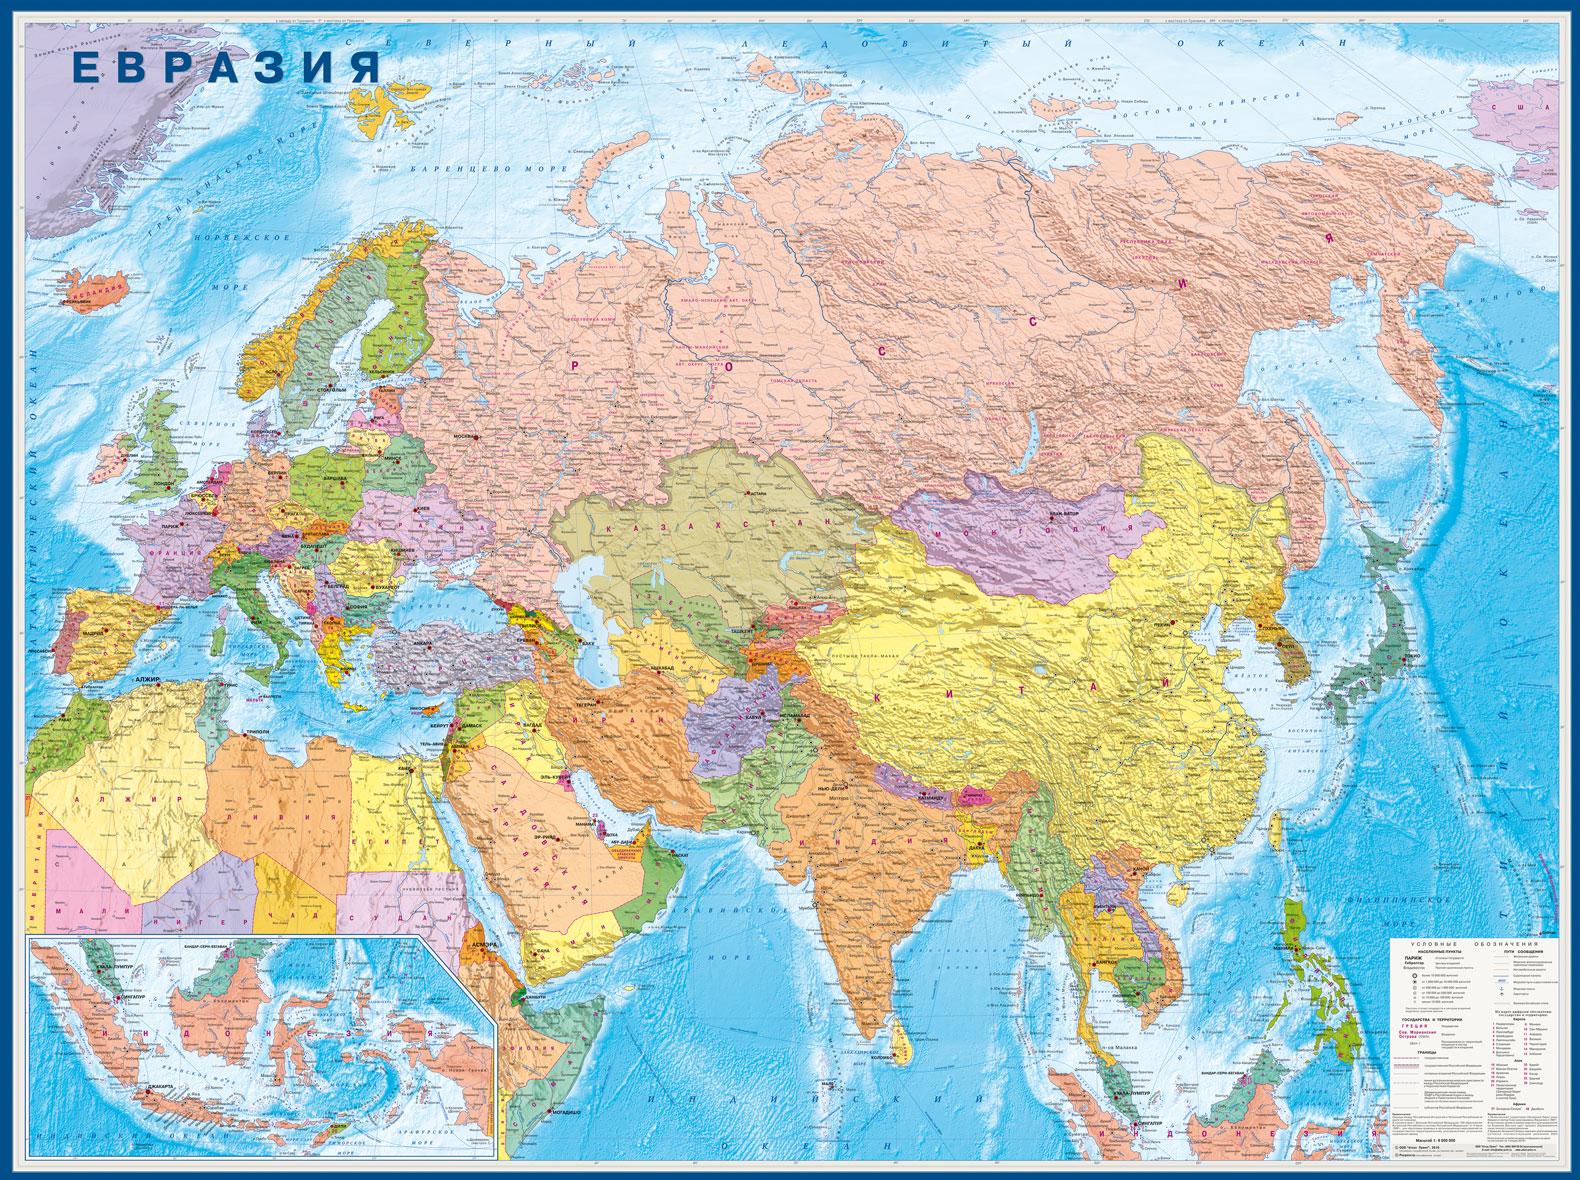 Настенная политическая карта Евразии 1,58х1,18 м ламинированная